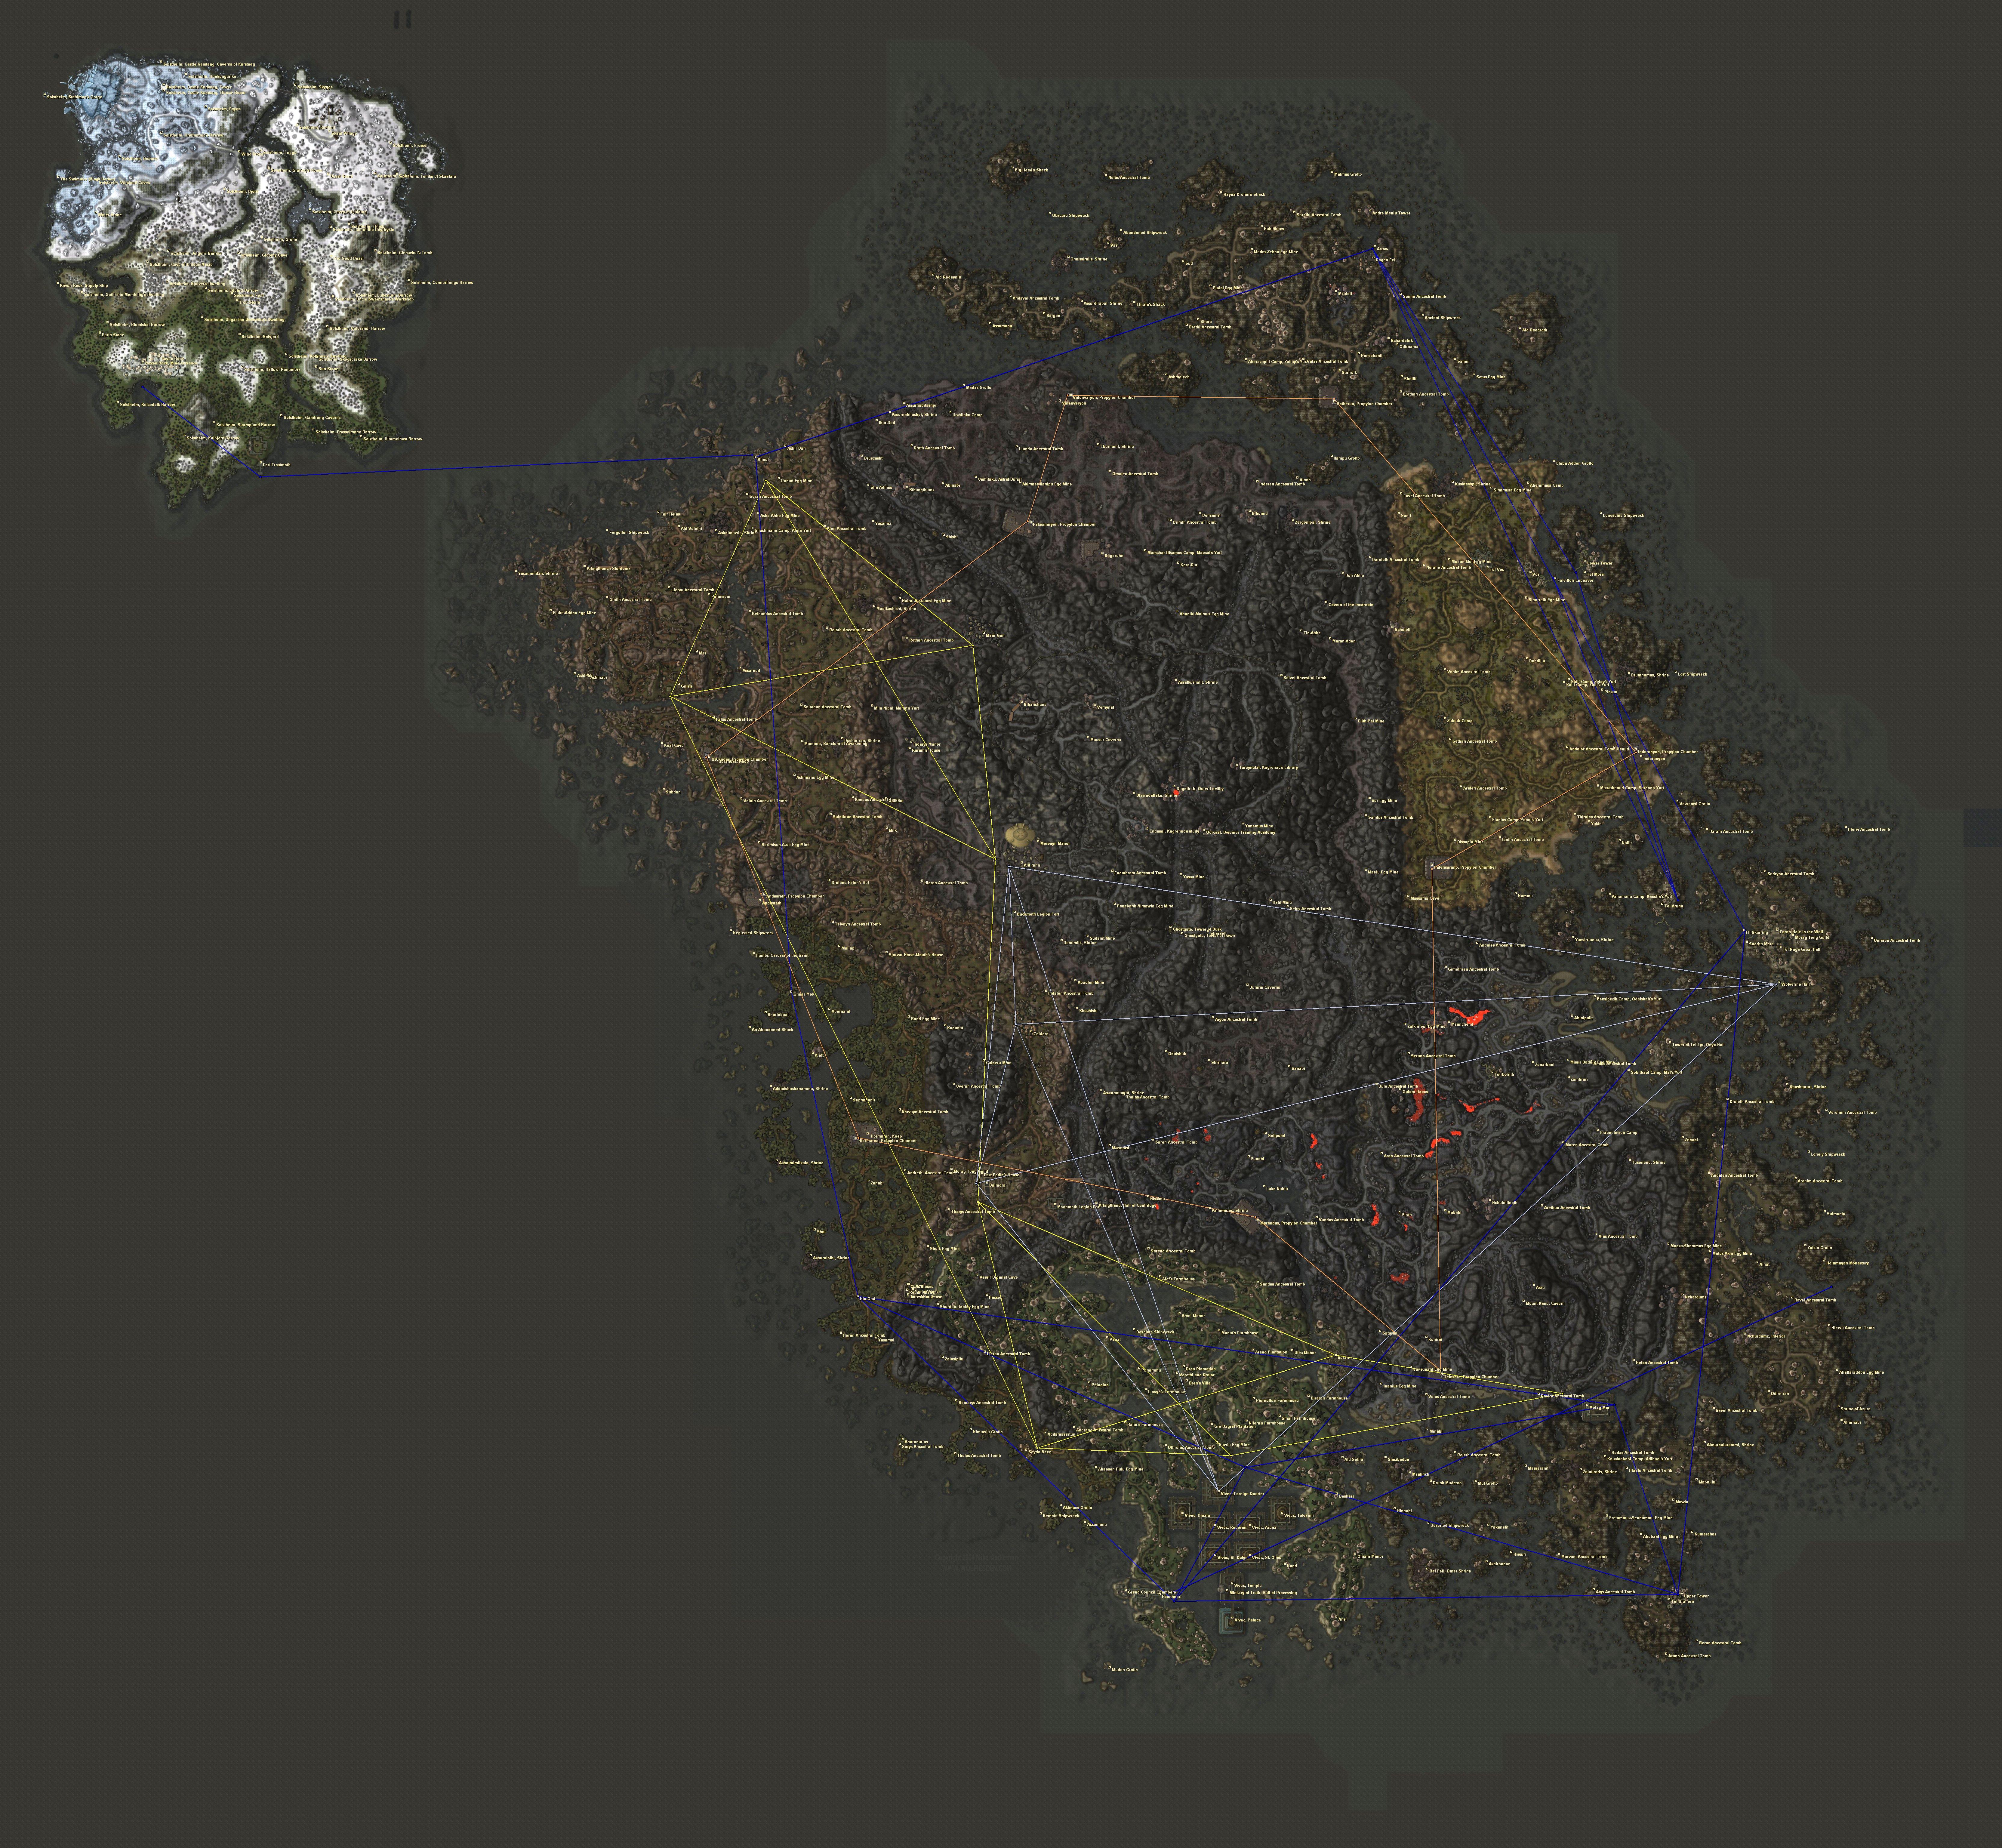 иллюстраций фото карты морровинда этой статье